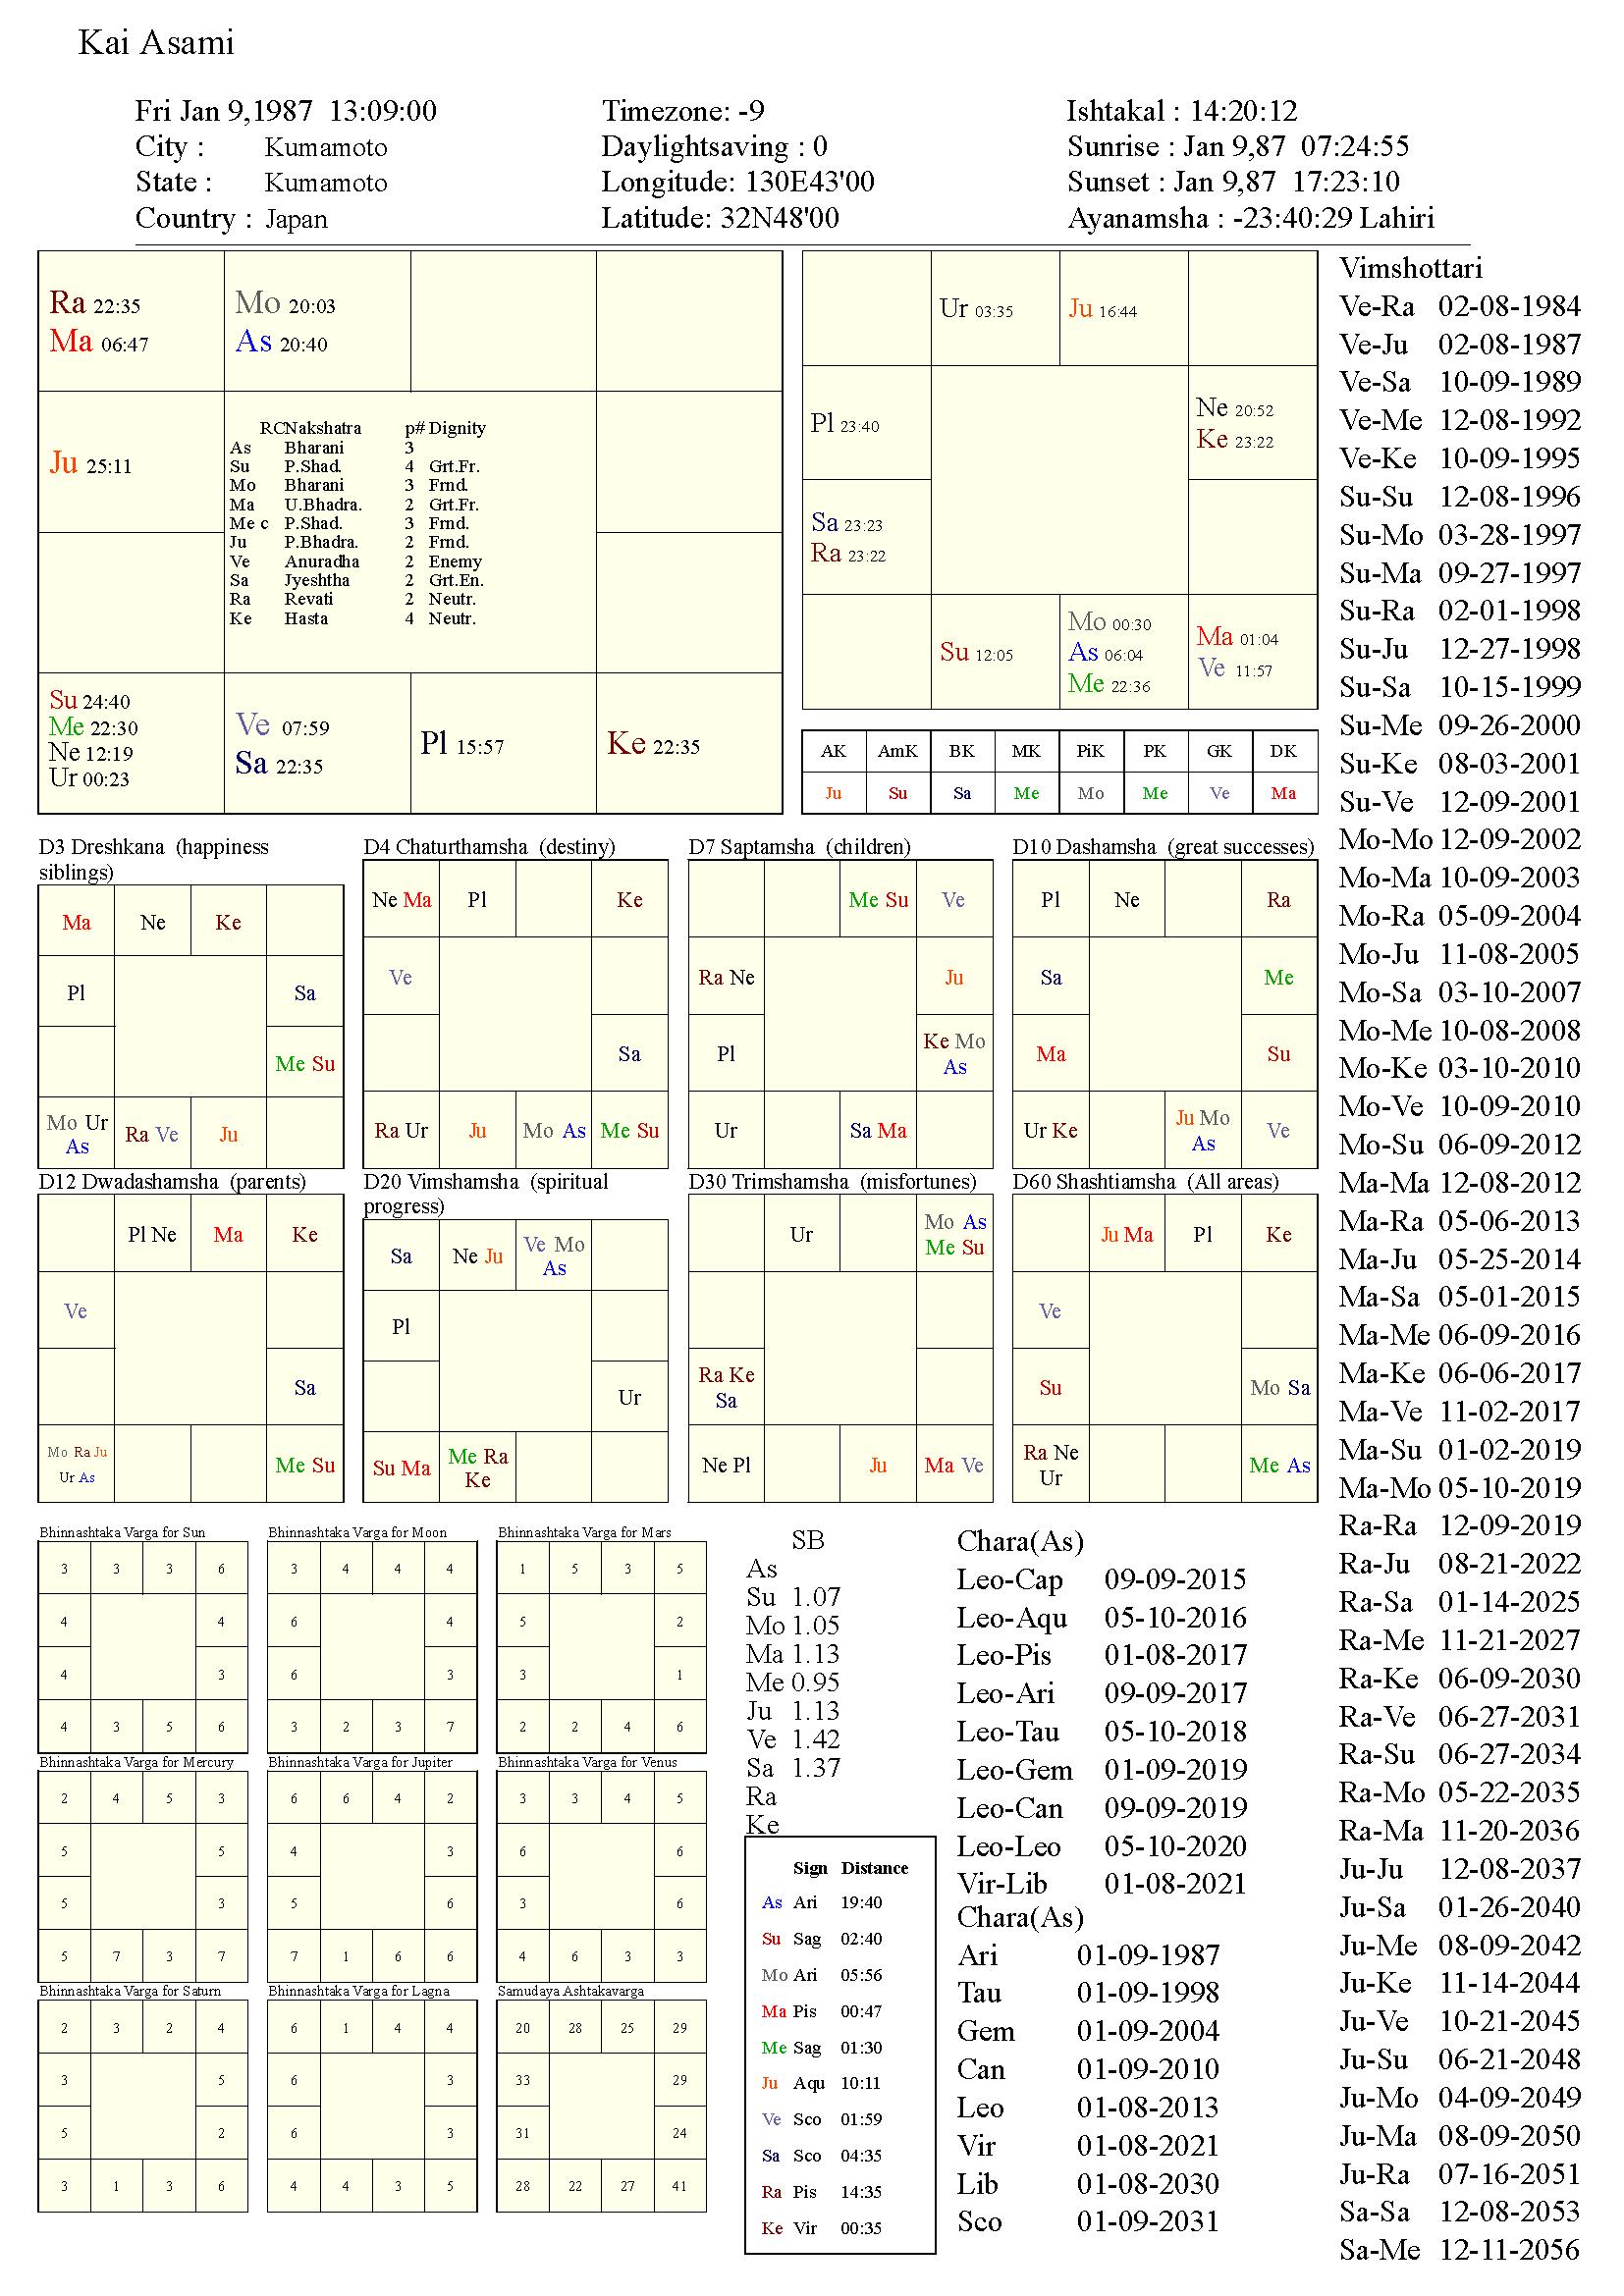 kaiasami_chart